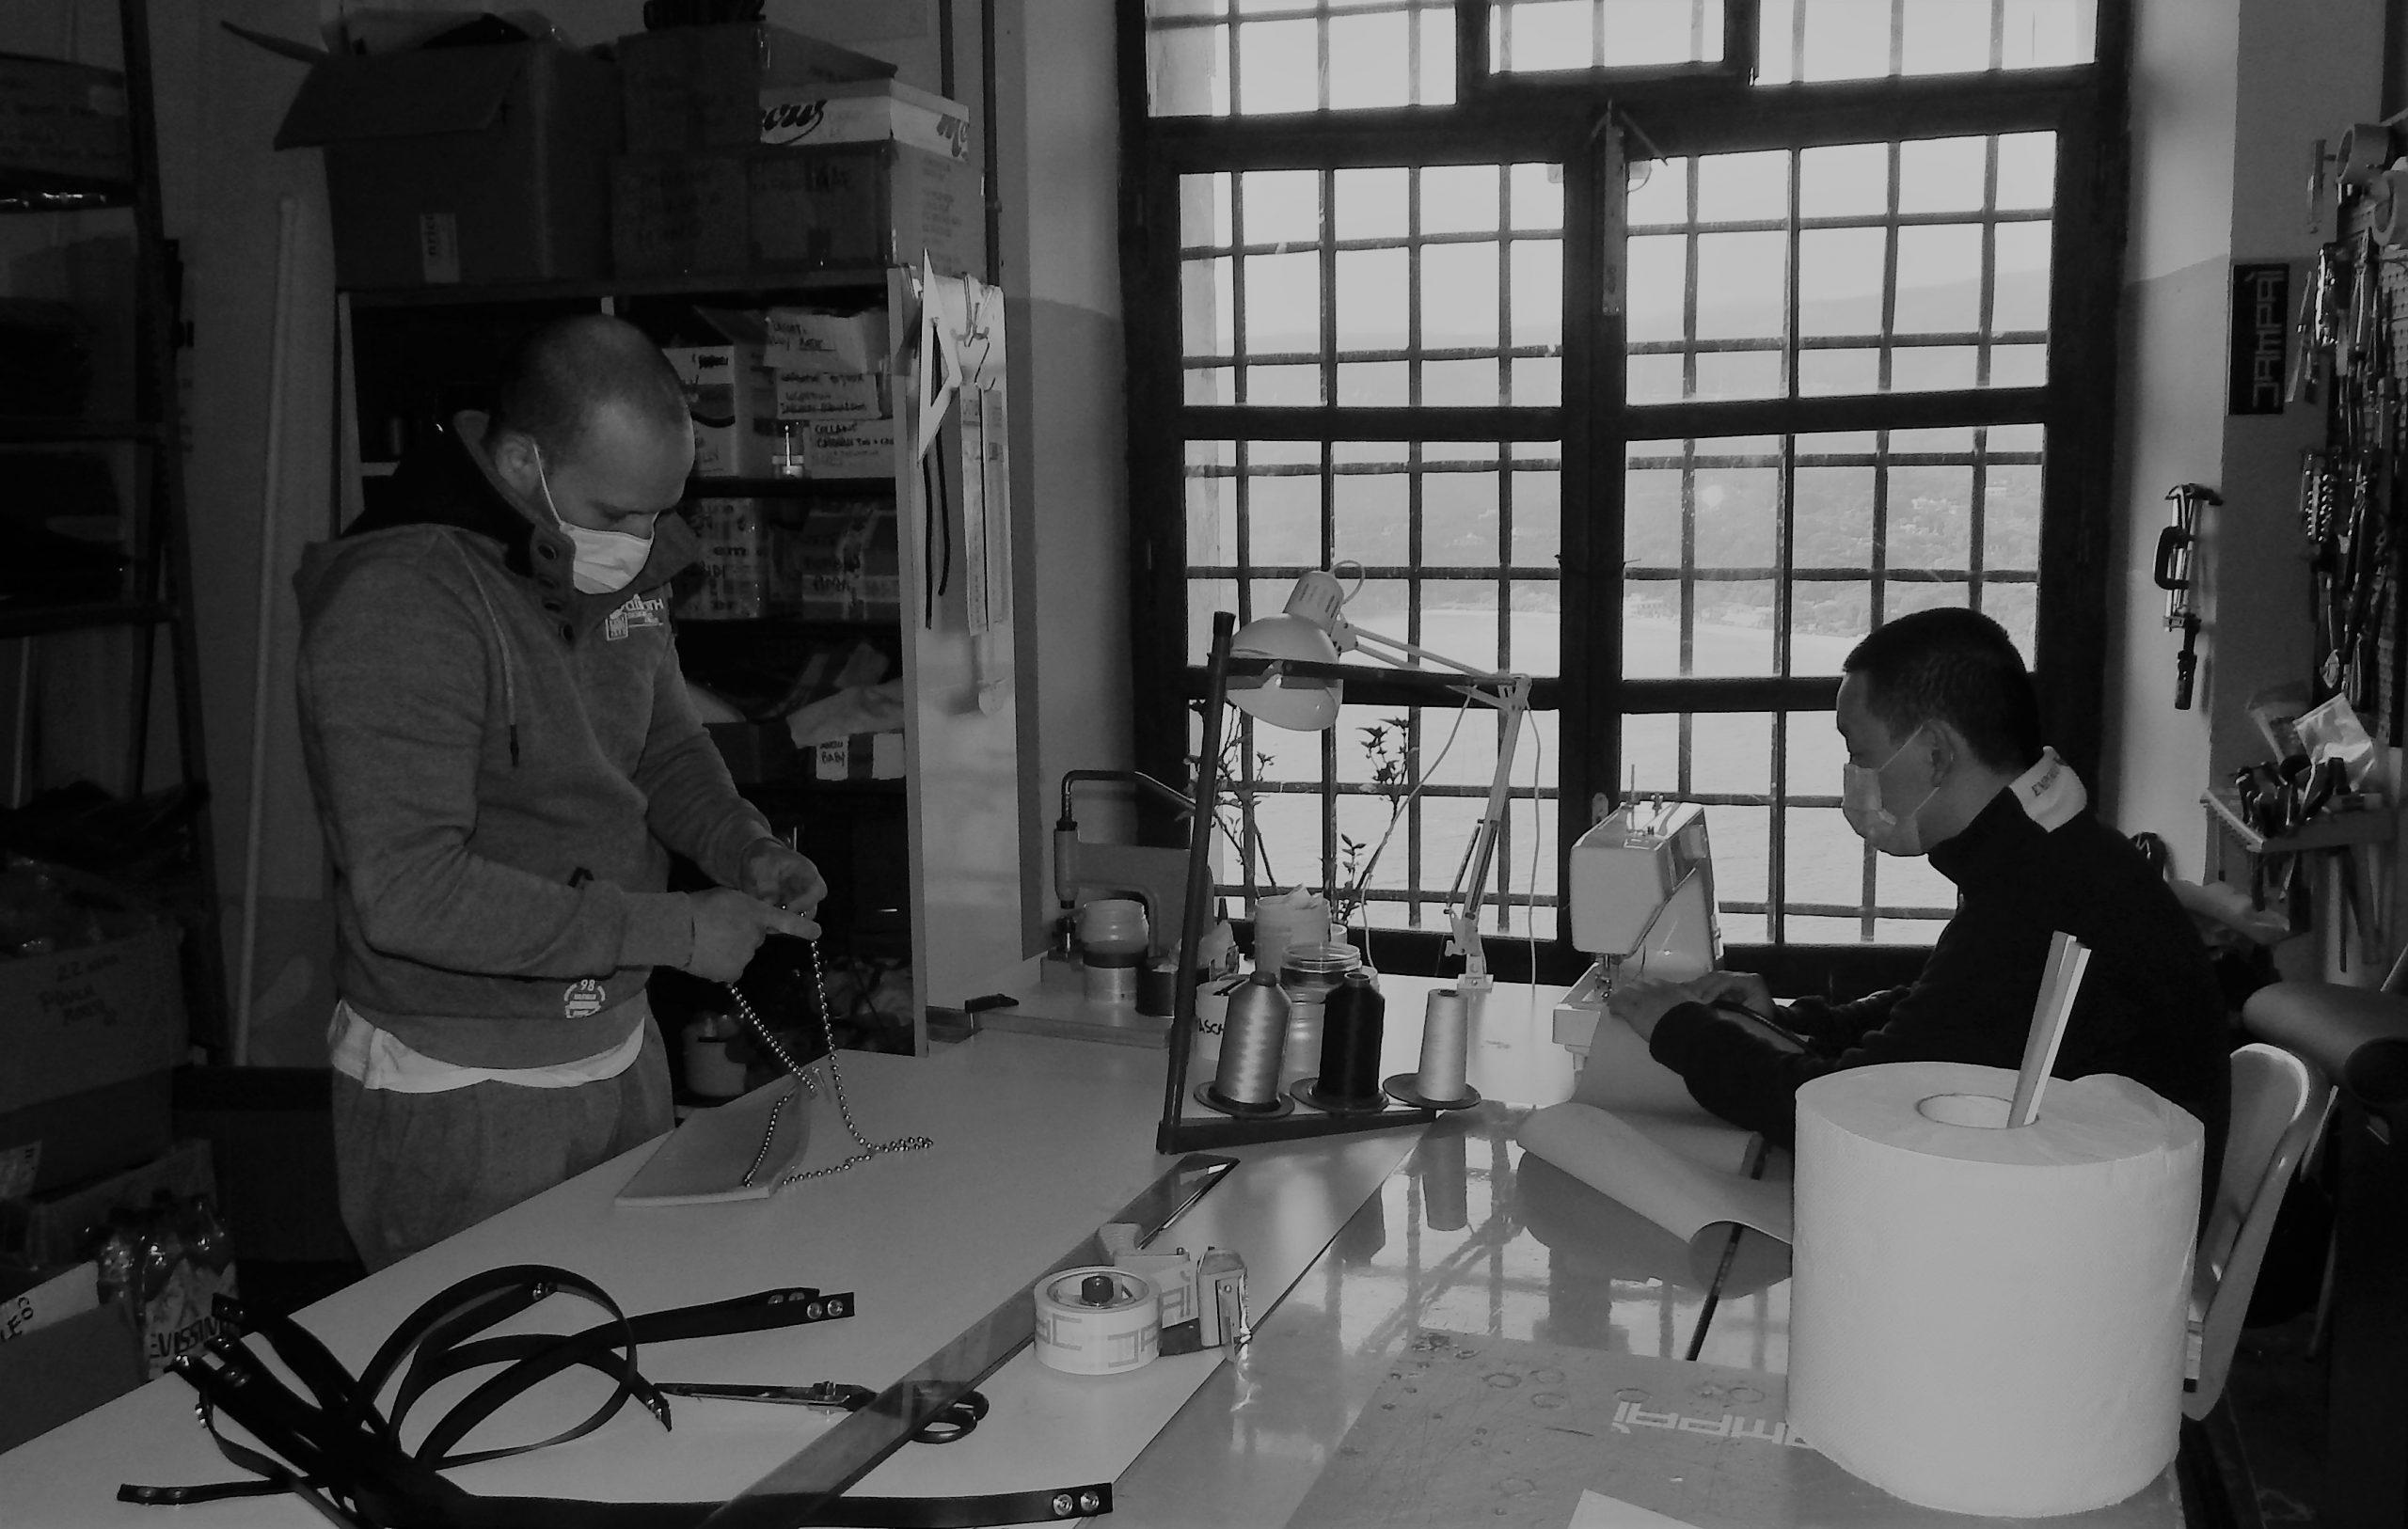 Lavoro carcerario, dei detenuti in un laboratorio.